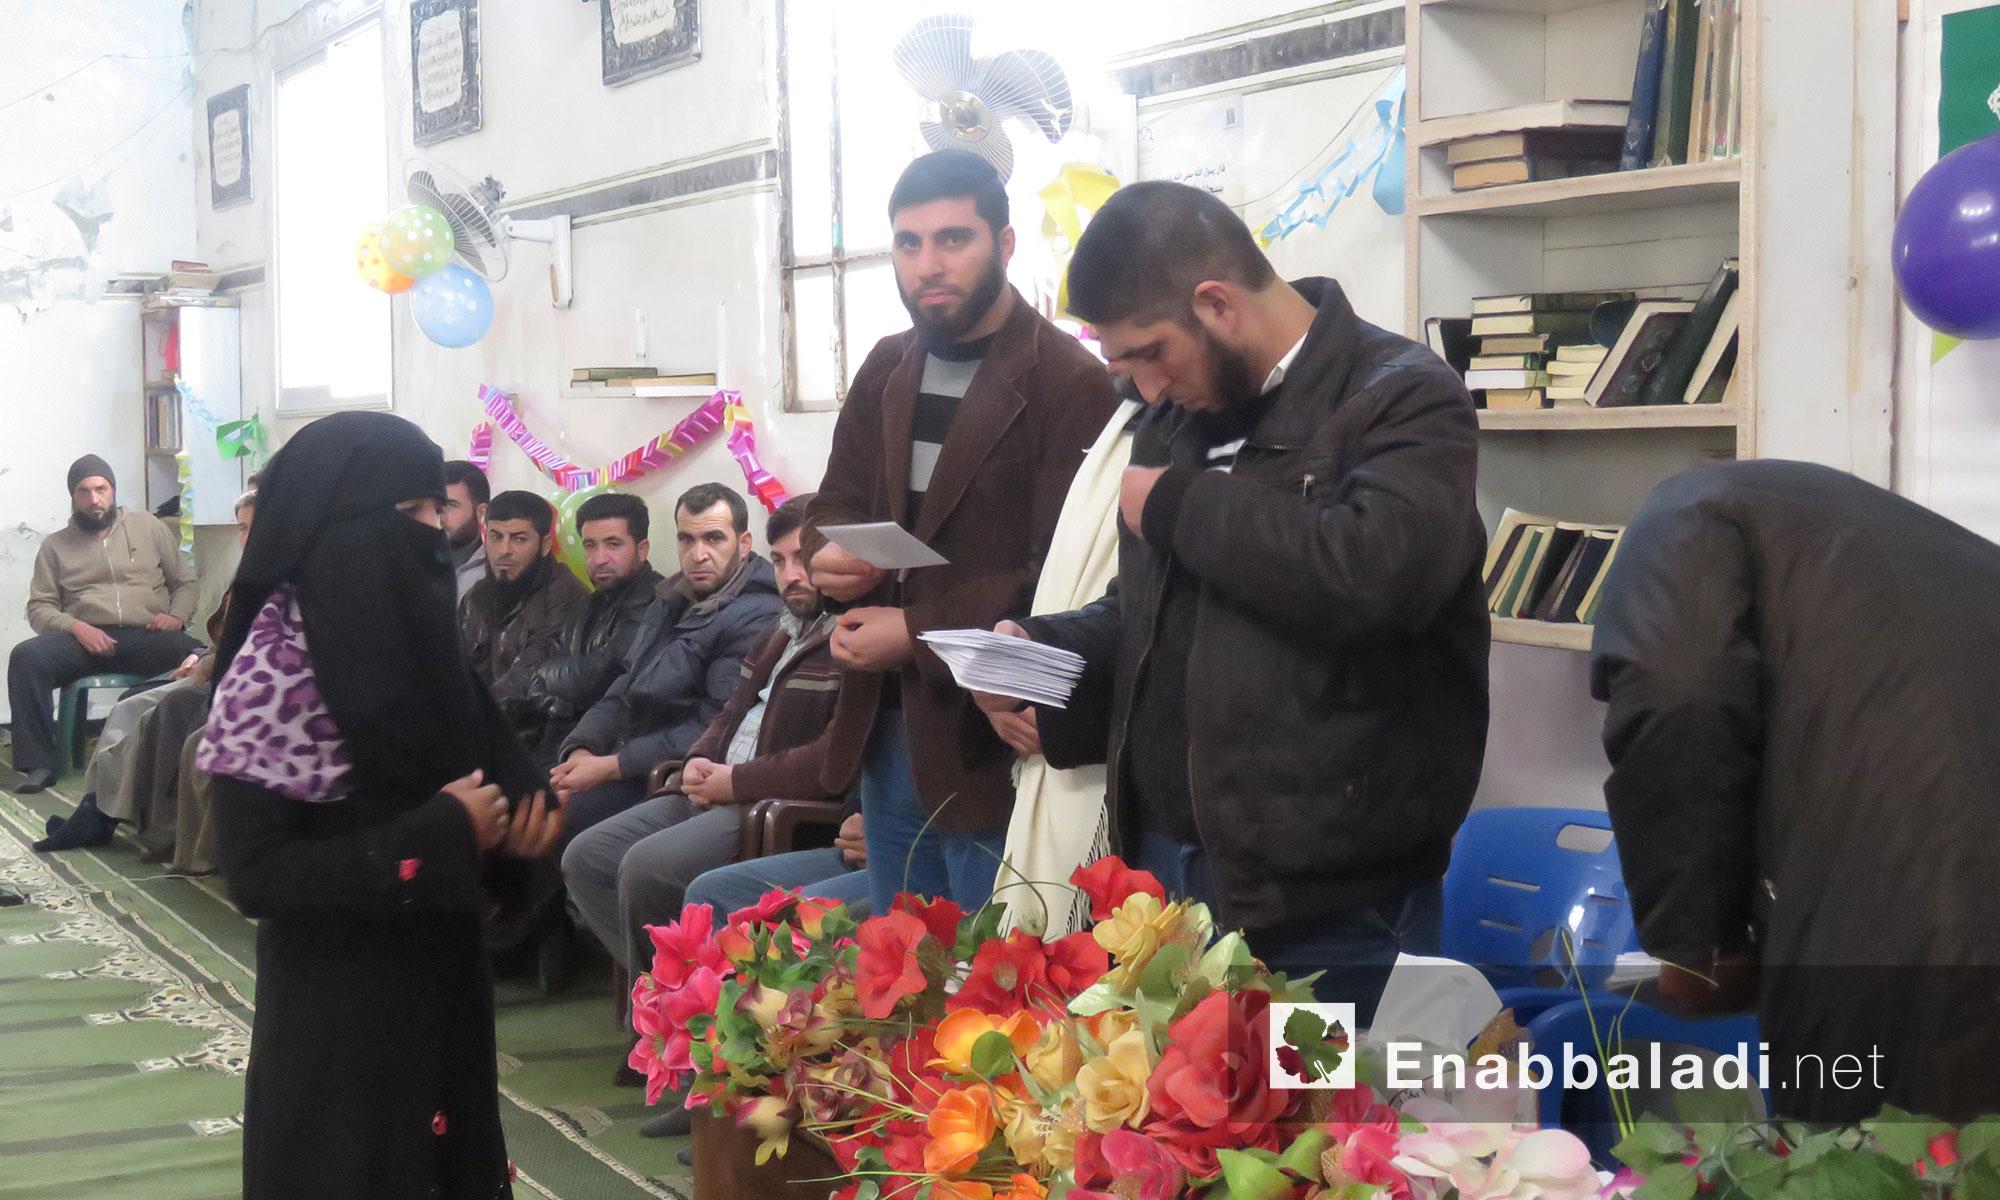 رابطة علماء السوريين  تكرم الطالبات المتوفقات في مشروعي الرشيدي والسفرة بريف ادلب الجنوبي - 30 تشرين الثاني 2017 (عنب بلدي)